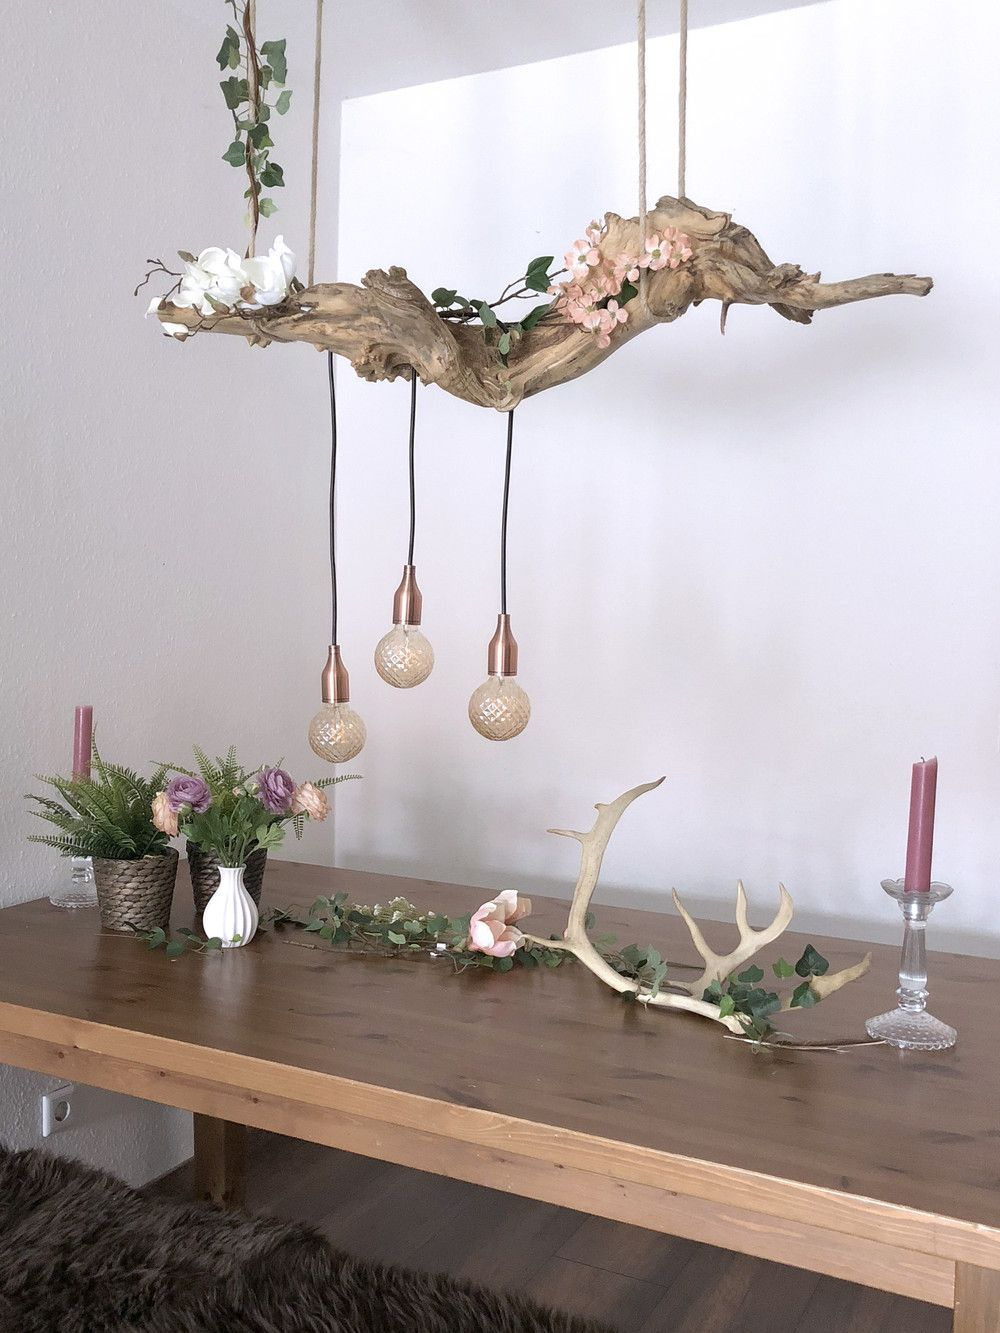 Hängelampen - Treibholzlampe - ein Designerstück von Raeubers-toechter bei DaWanda #holzscheibendeko